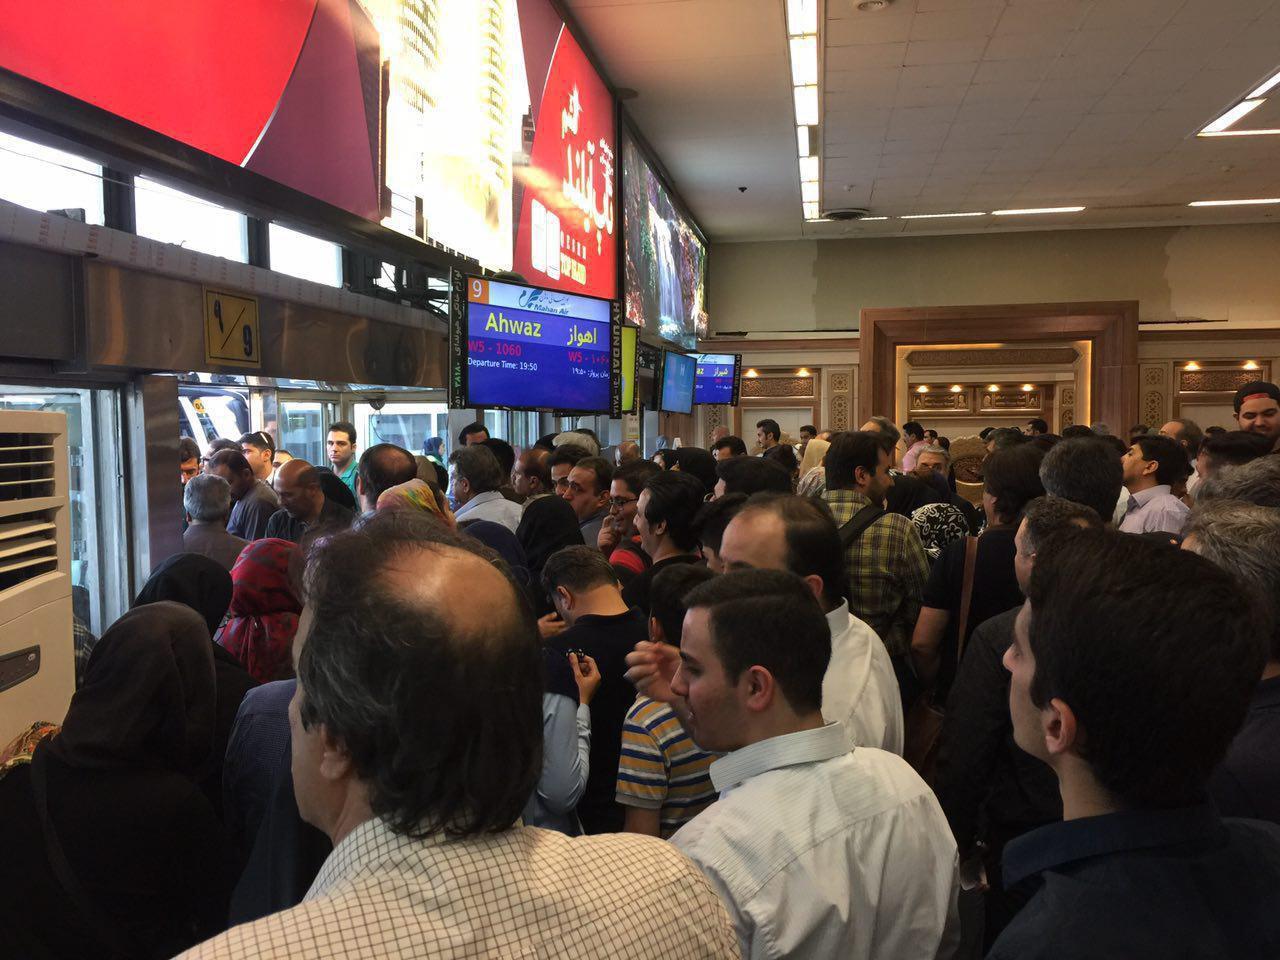 تاخیر در پرواز ماهان تهران مشهد